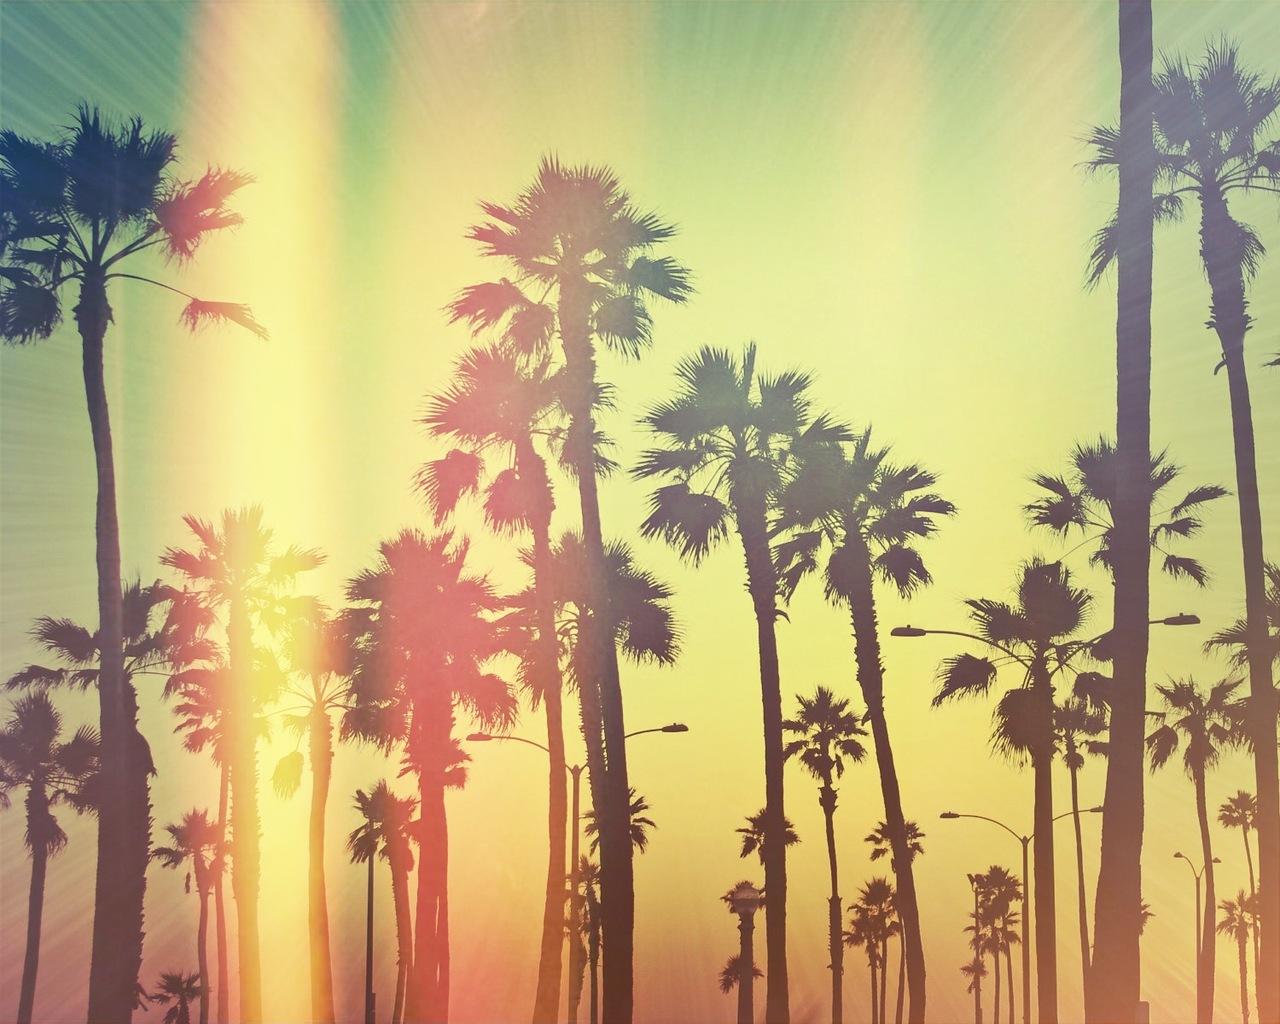 Top California Wallpaper Tumblr Wallpapers 1280x1024